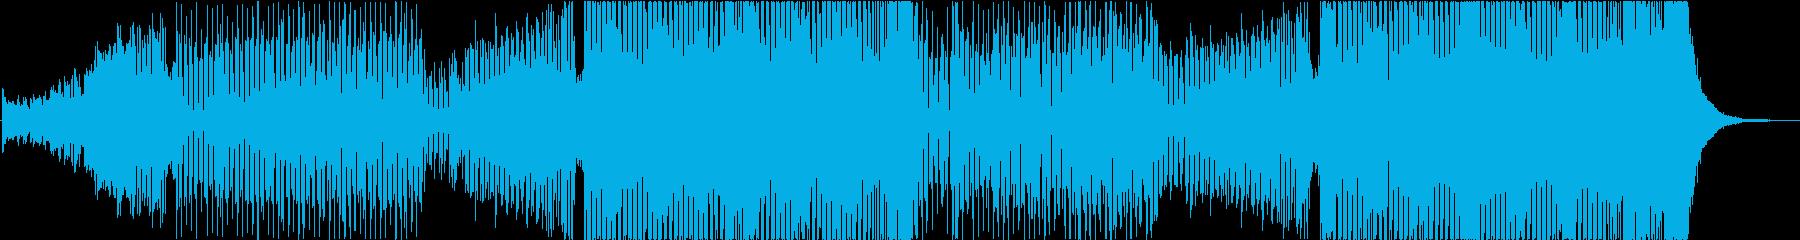 パワフルなブラスが入った洋楽風EDMの再生済みの波形